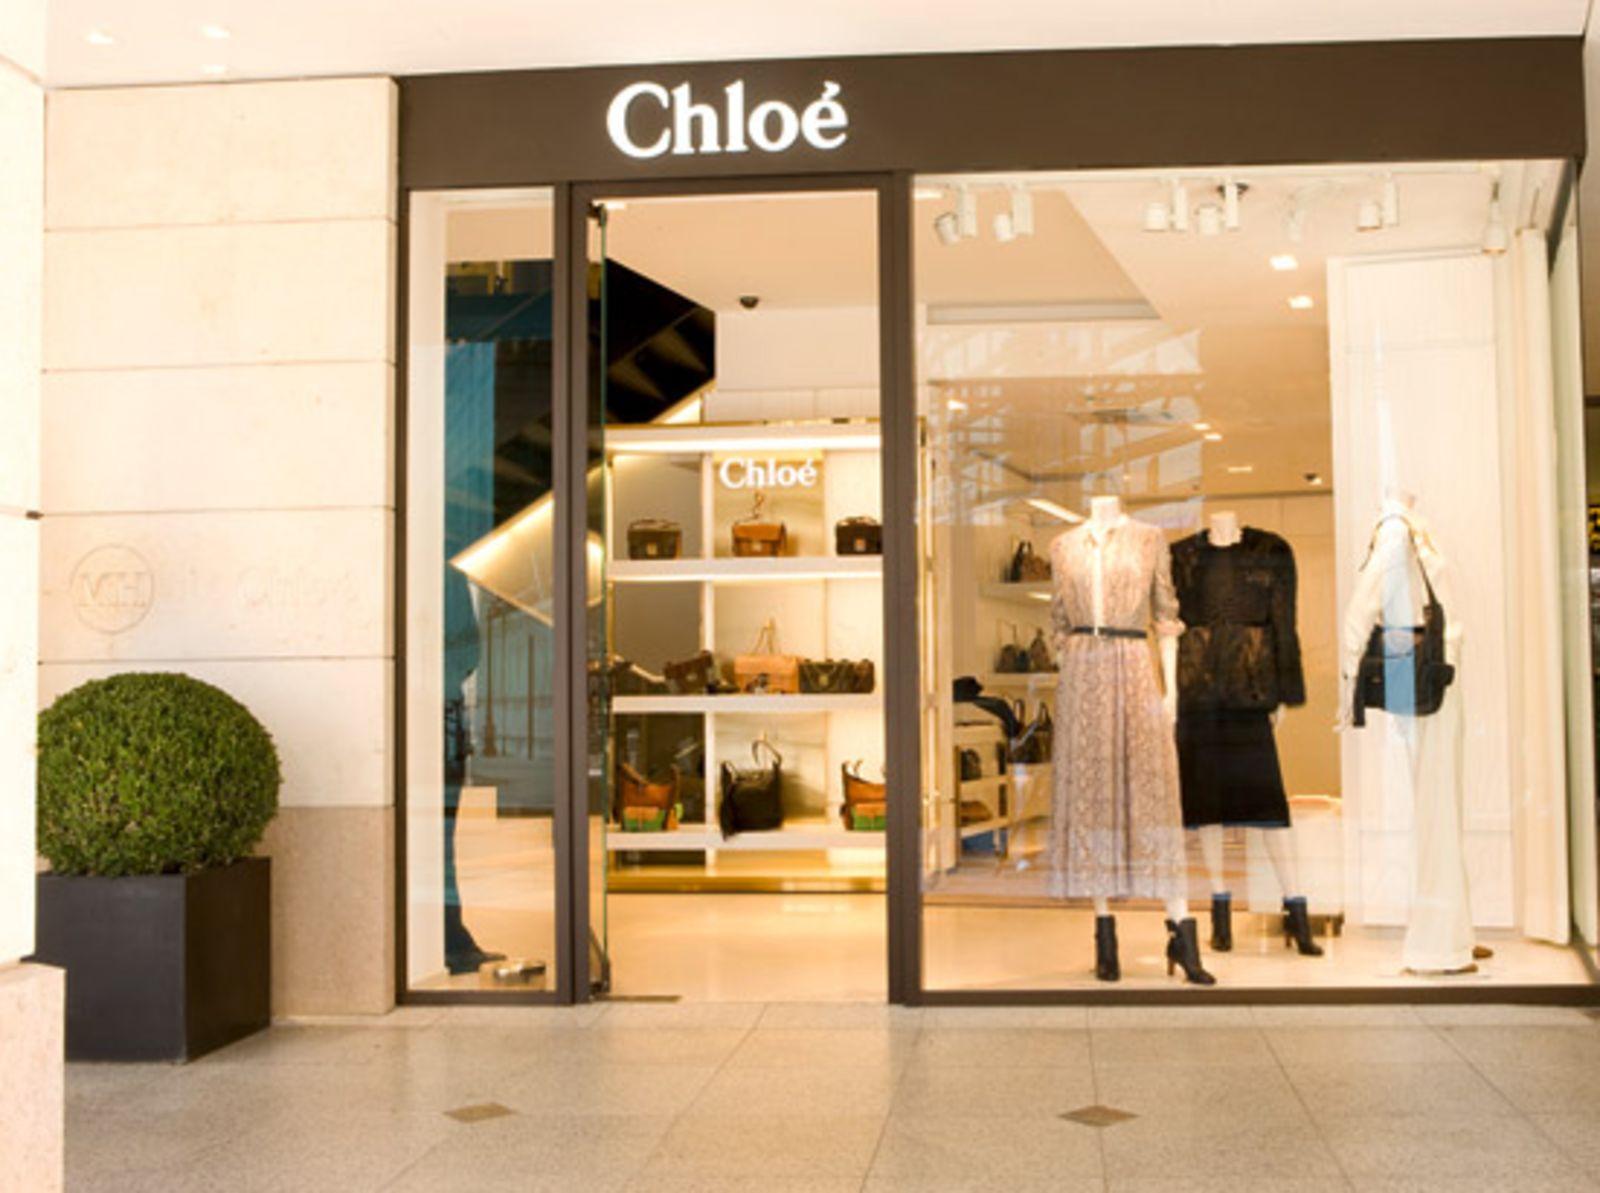 Chloé in München (Bild 2)